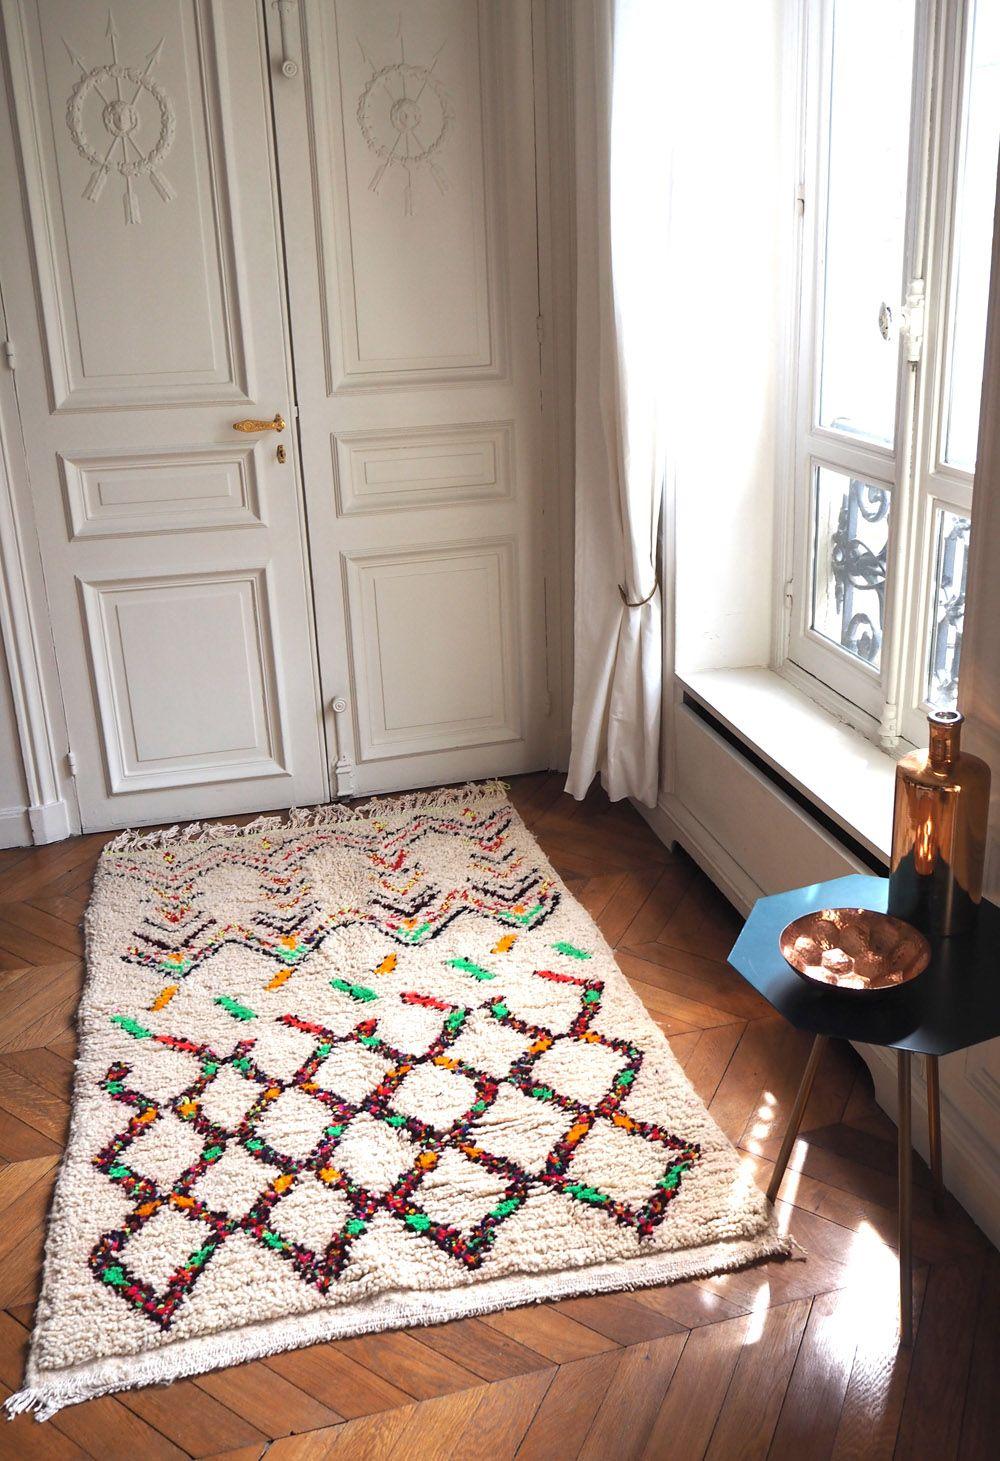 Les Tapis Azilal Sont Traditionnellement Des Pieces Anciennes Et Uniques Ils Datent Des Annees 60 80 Et Proviennent De Tapis Azilal Tapis Decoration Classique